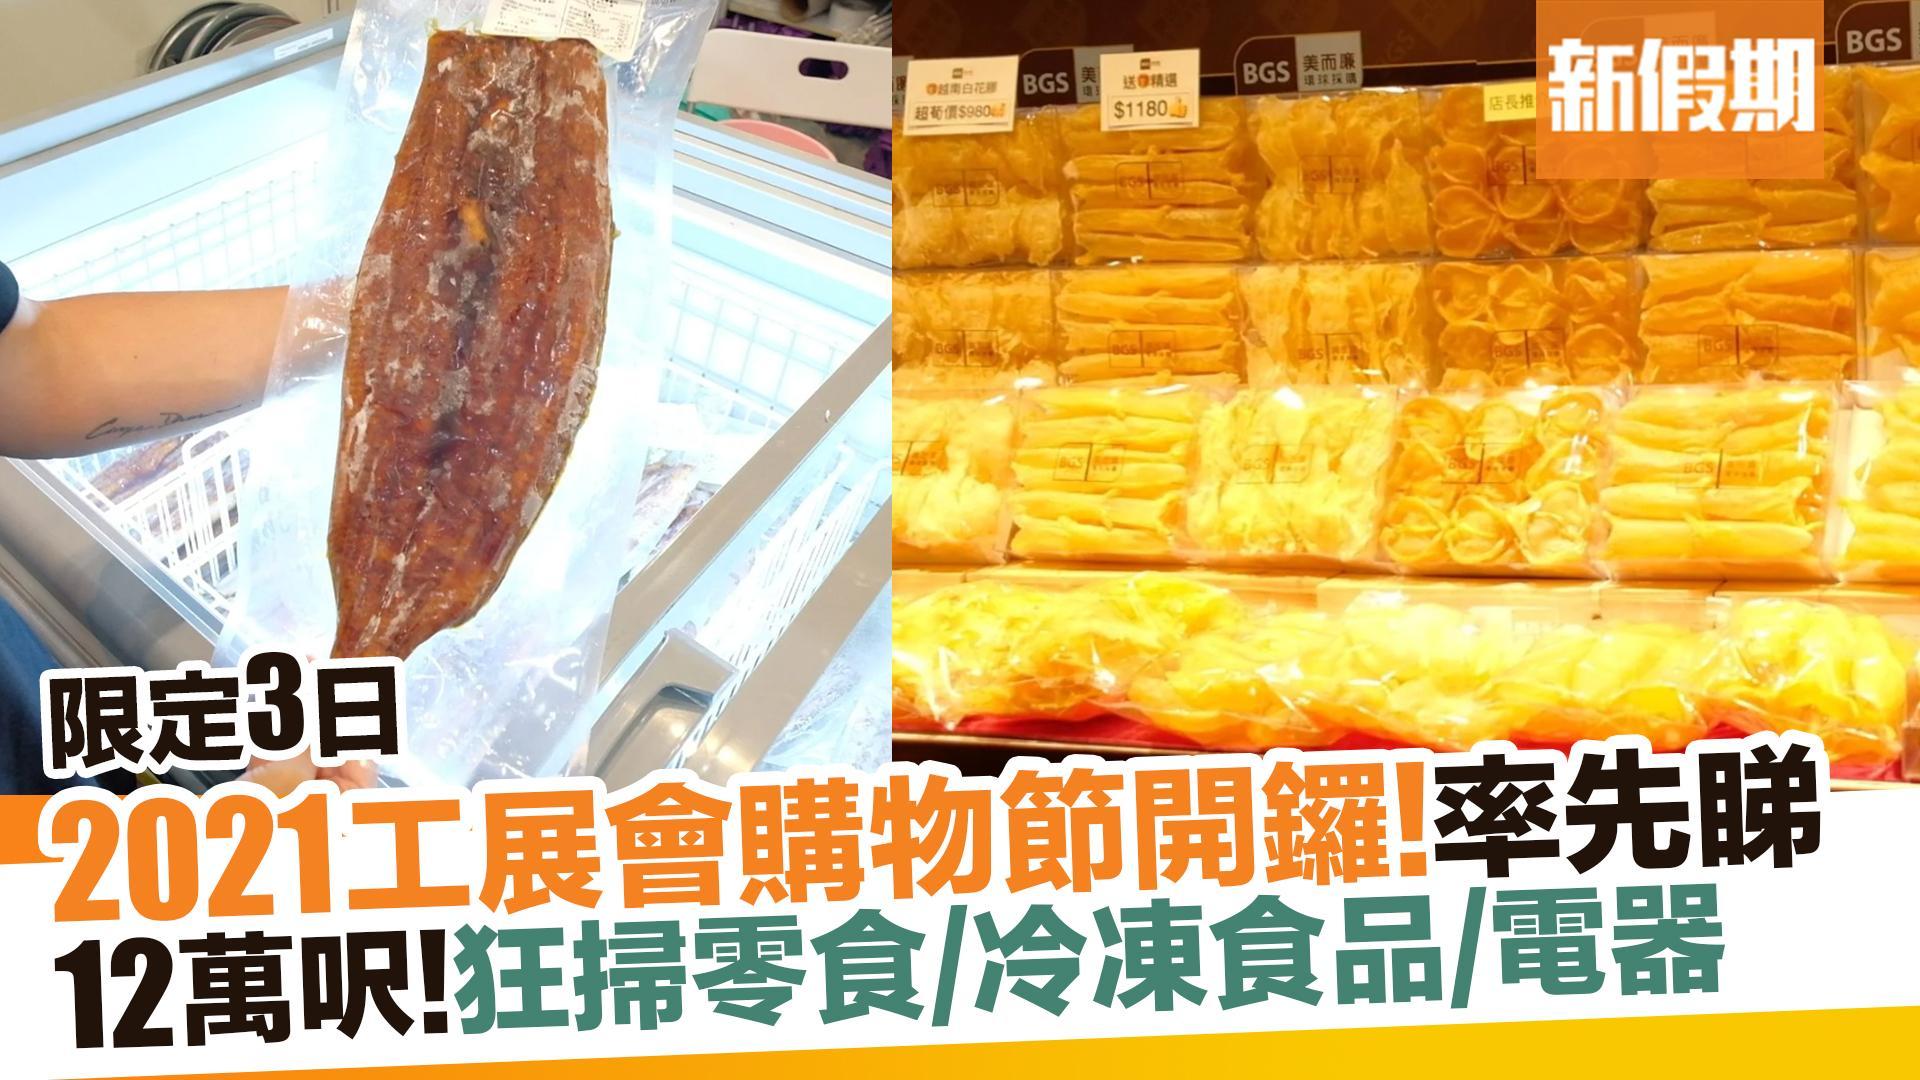 【香港好去處】2021工展會購物節正式開鑼 首日直擊!12萬呎+260個攤位 新假期